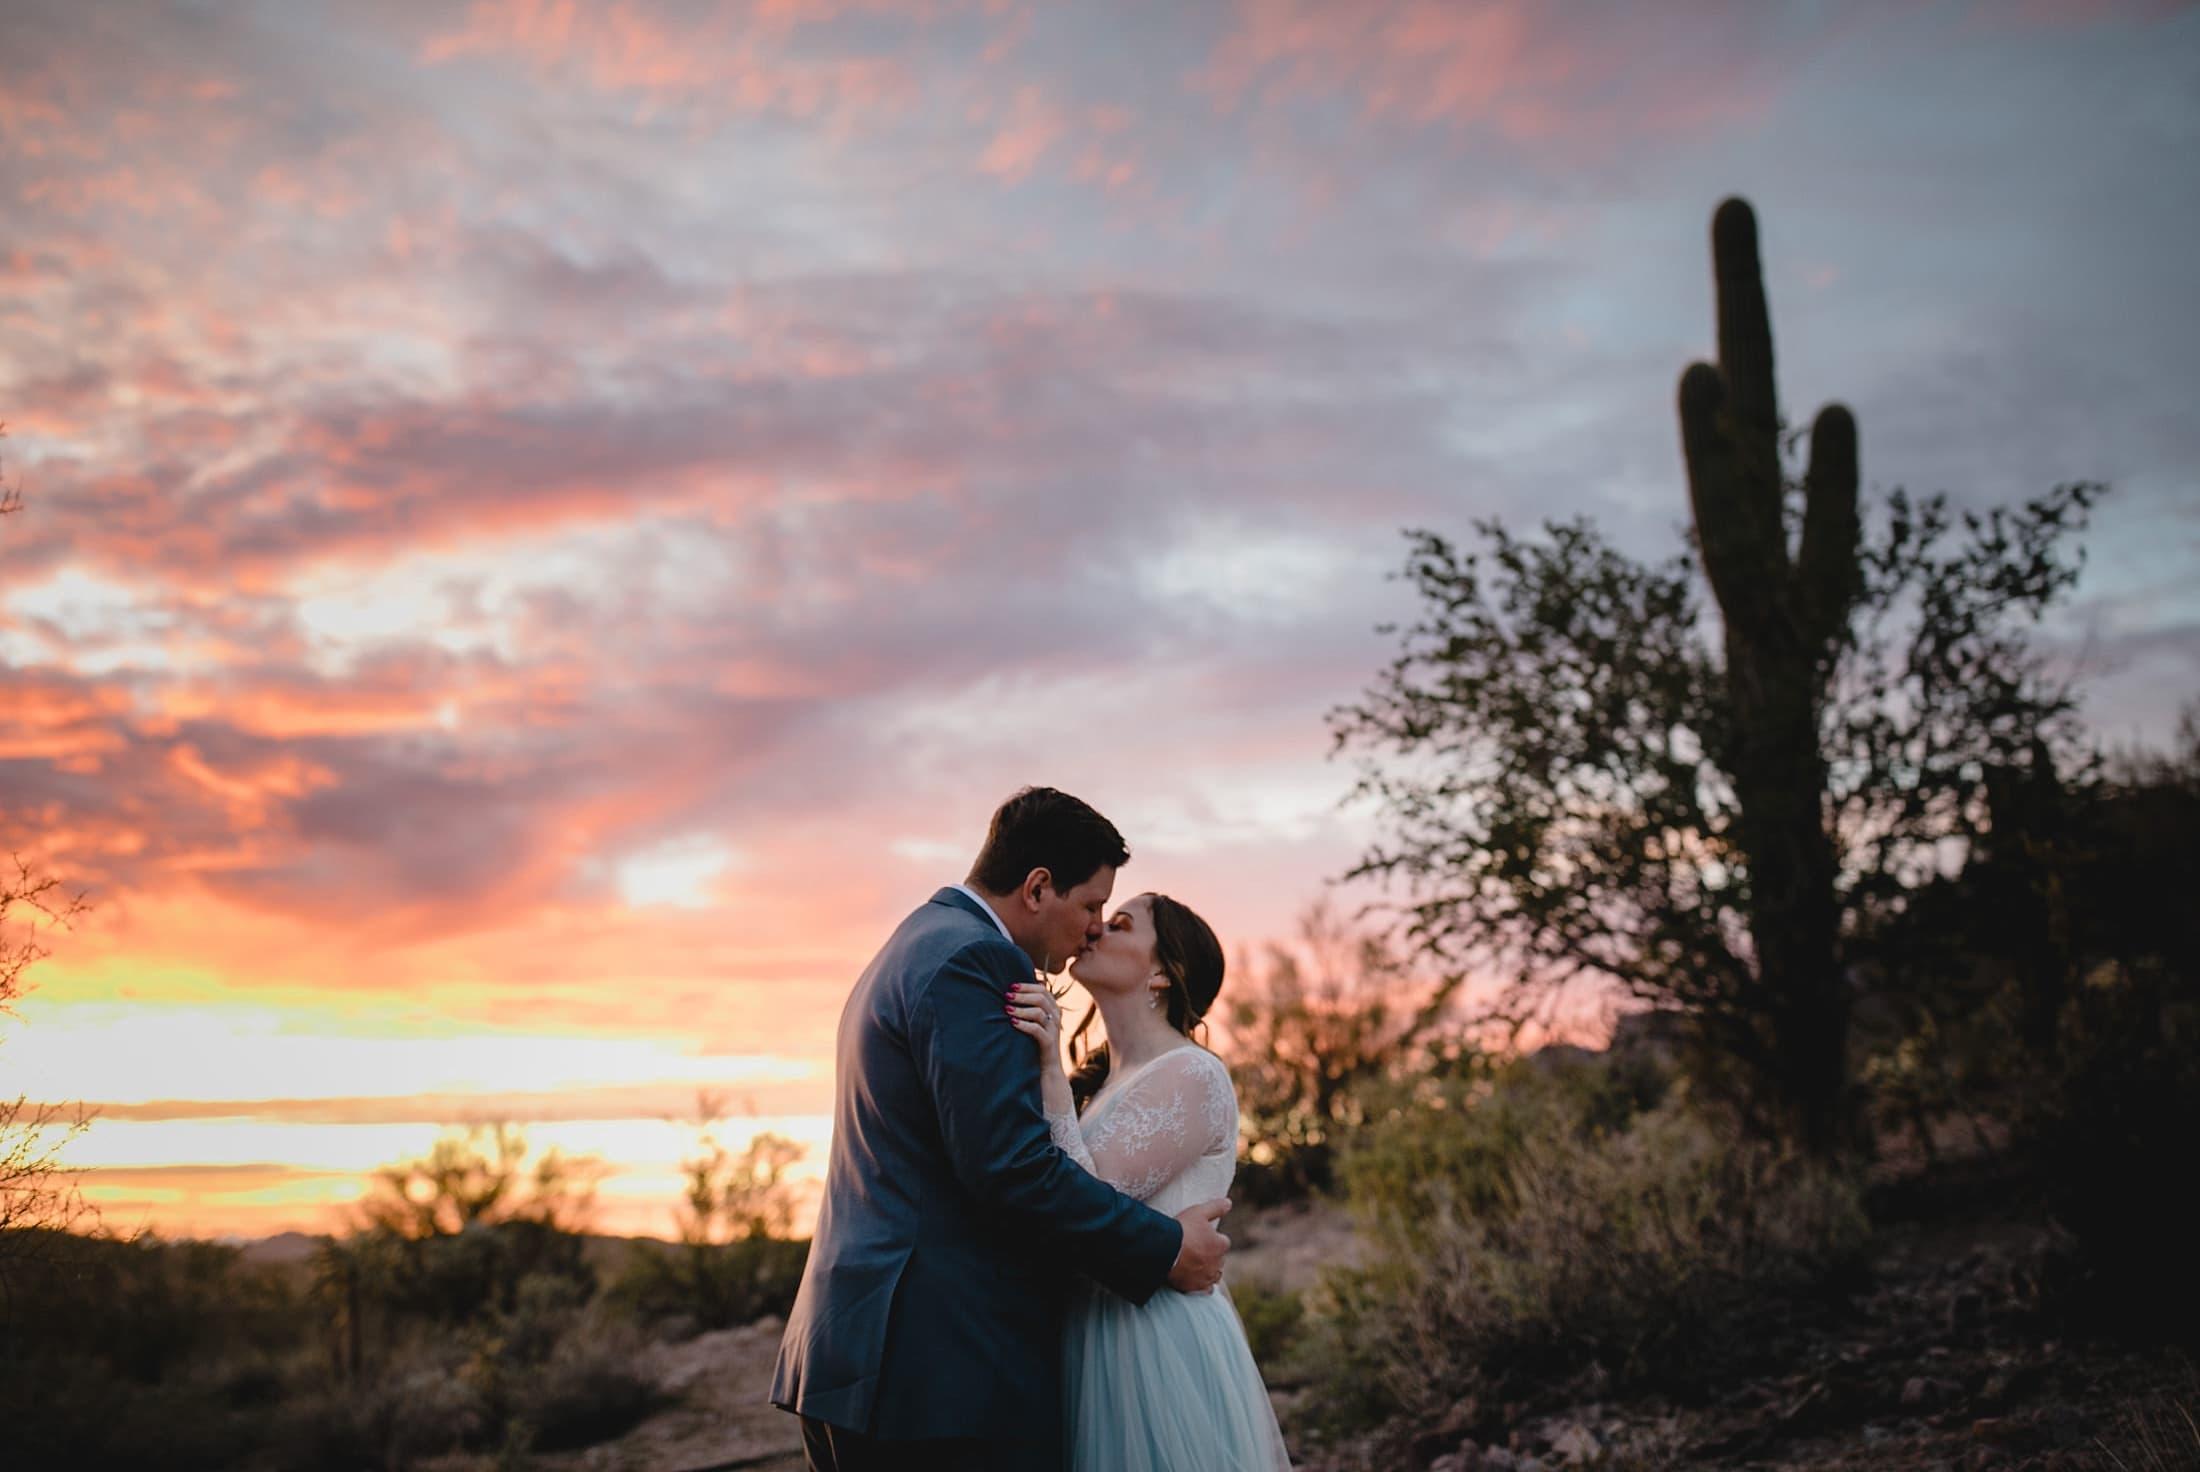 Arizona wedding colorful sunset